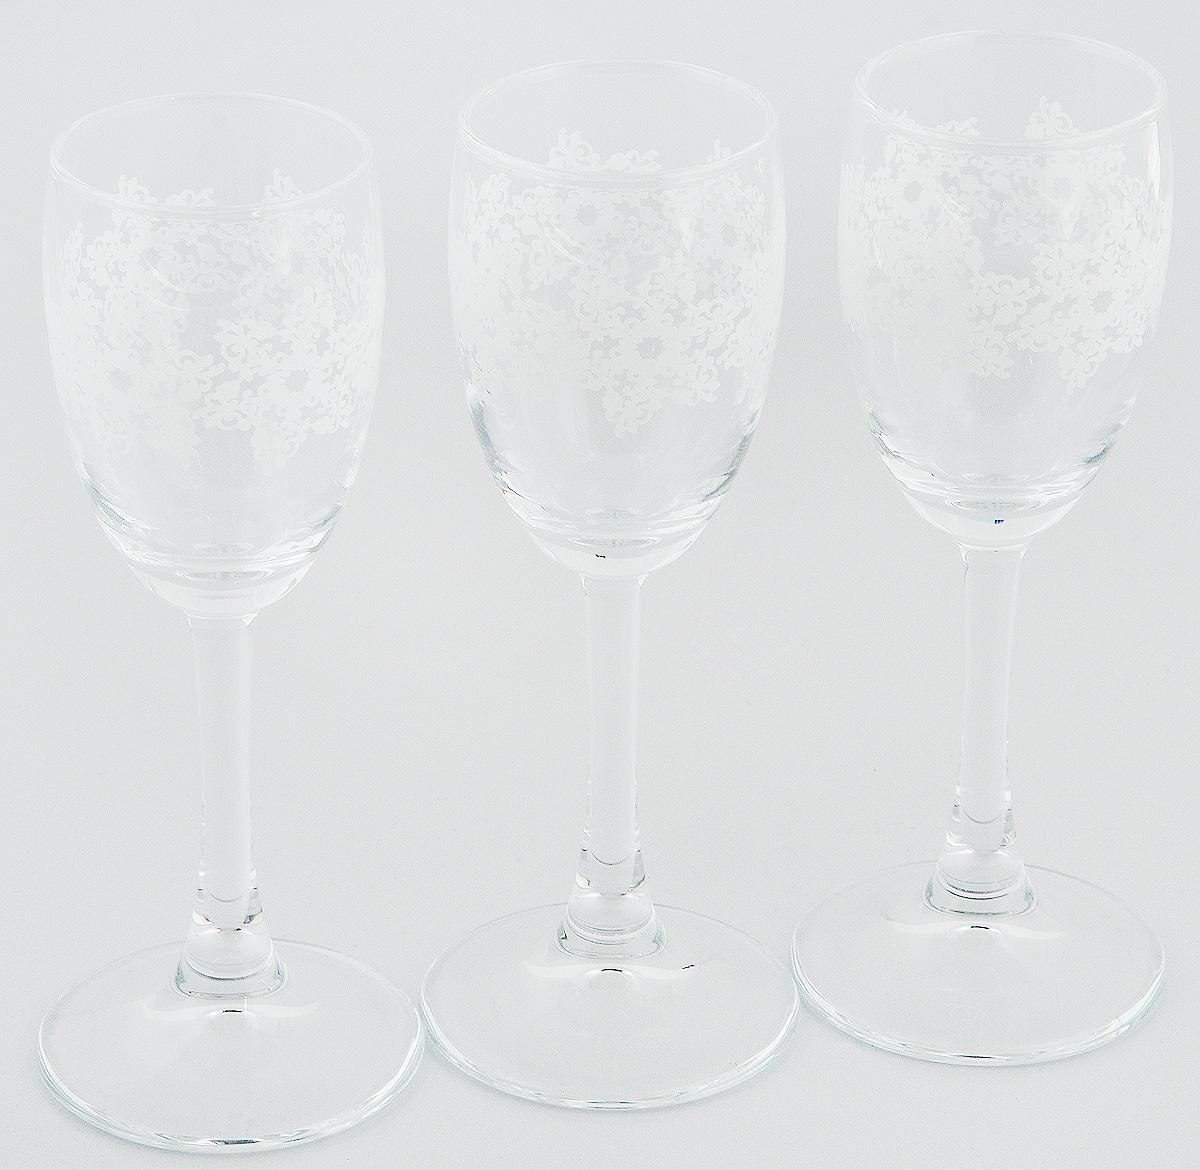 Набор рюмок Pasabahce Workshop Барокко, 60 мл, 3 шт440043B/BBНабор Pasabahce Workshop Барокко состоит из 3 рюмок, изготовленных из прочного натрий-кальций-силикатного стекла. Изделия, предназначенные для подачи ликера и других спиртных напитков, несомненно придутся вам по душе. Рюмки сочетают в себе элегантный дизайн и функциональность. Набор рюмок Pasabahce Workshop Барокко идеально подойдет для сервировки стола и станет отличным подарком к любому празднику. Диаметр рюмки по верхнему краю: 4 см. Высота рюмки: 14 см.